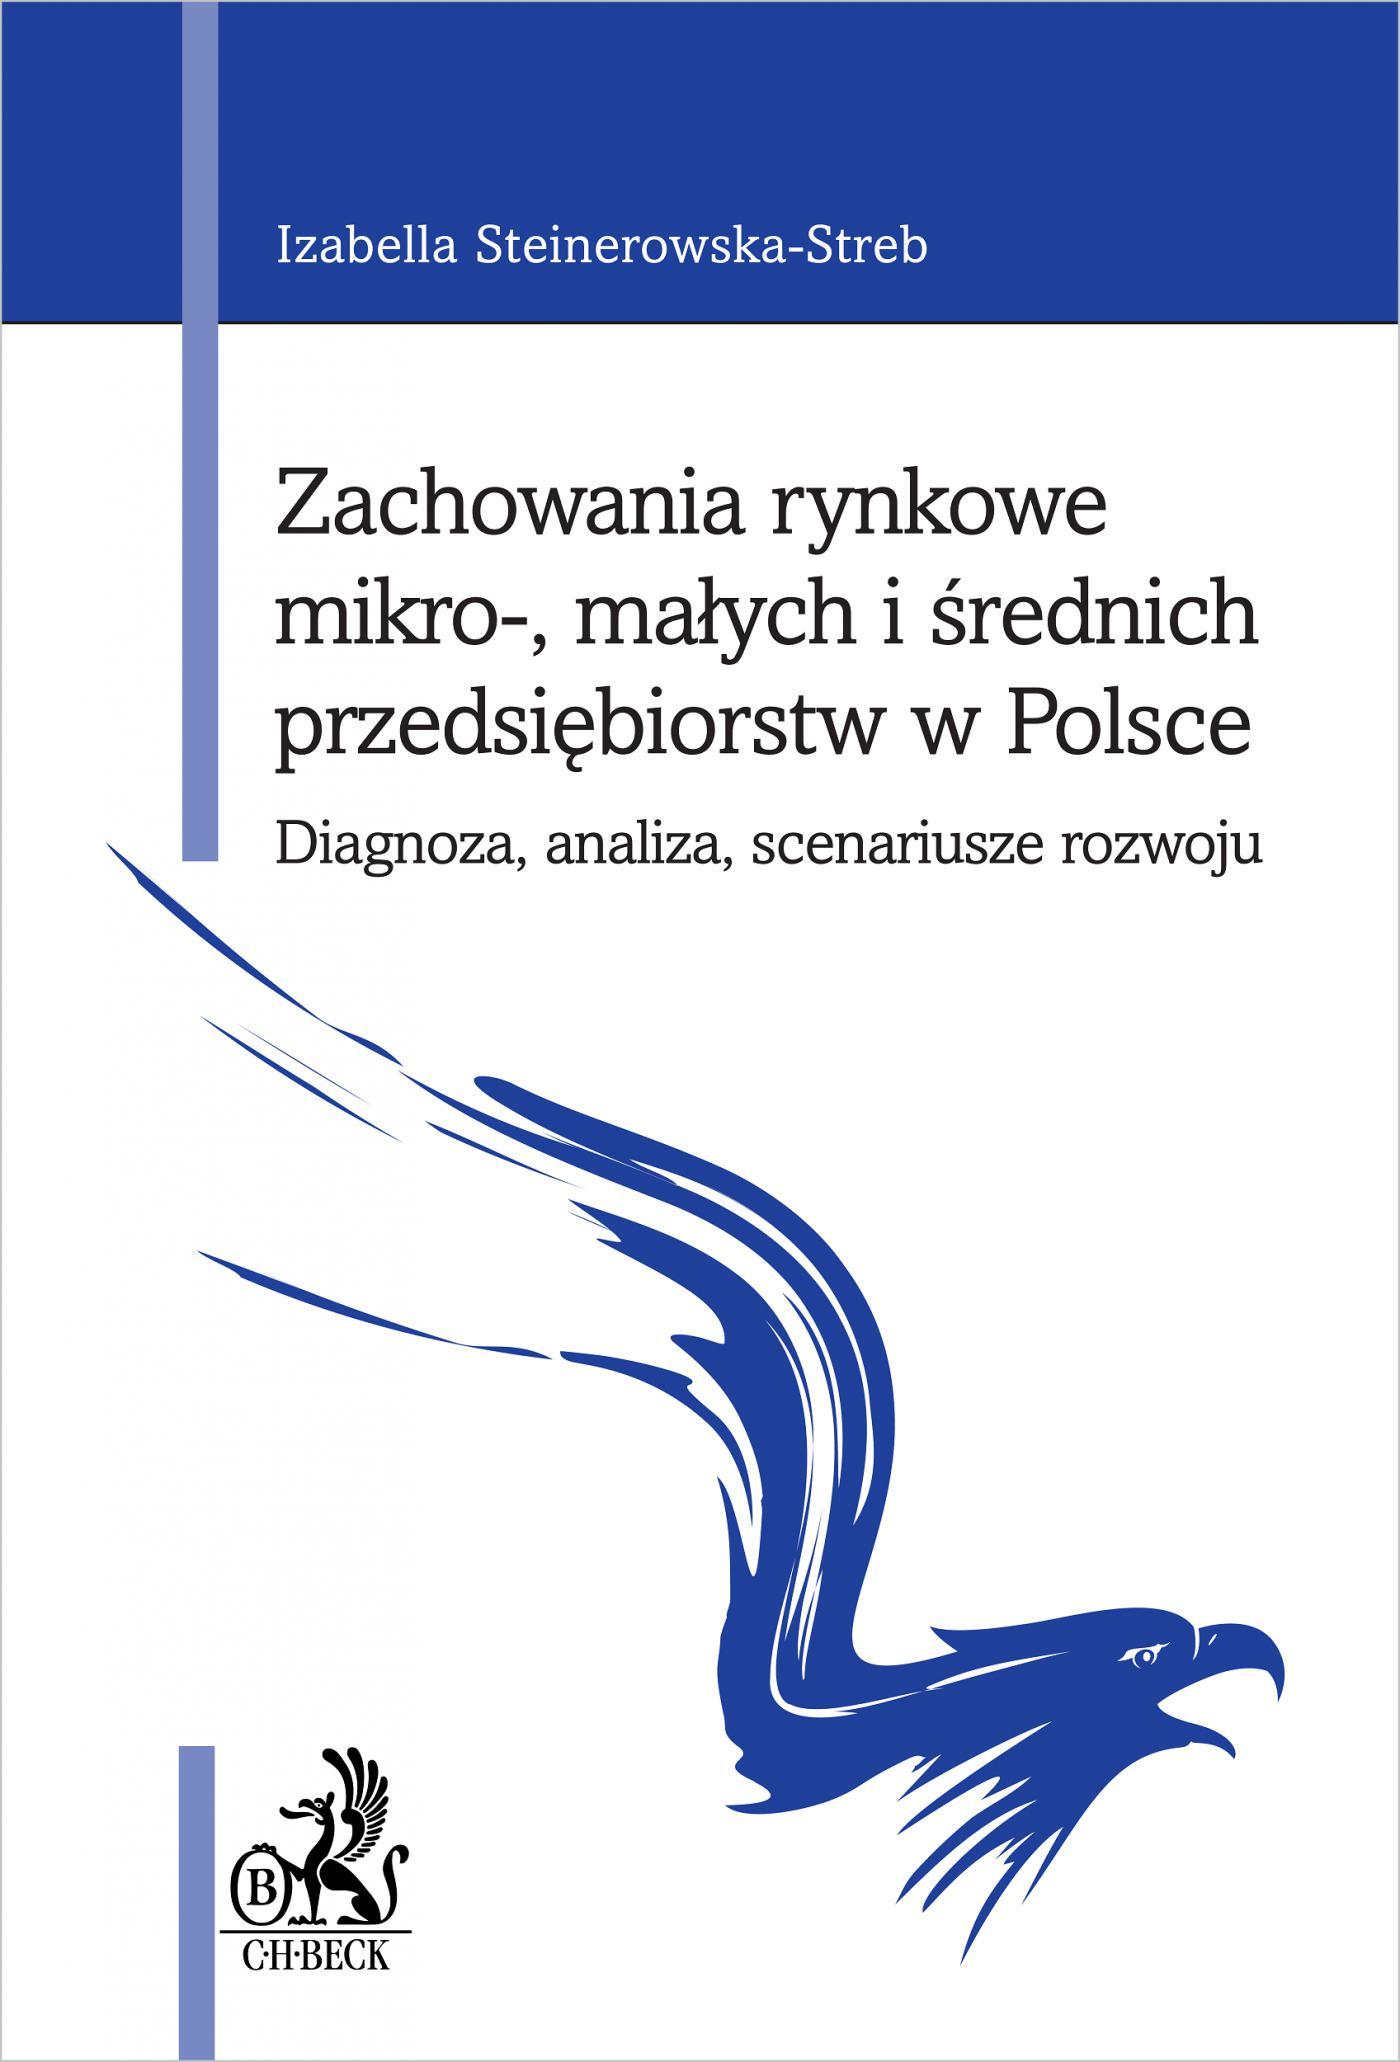 Zachowania rynkowe mikro- małych i średnich przedsiębiorstw w Polsce. Diagnoza analiza scenariusze rozwoju - Ebook (Książka PDF) do pobrania w formacie PDF